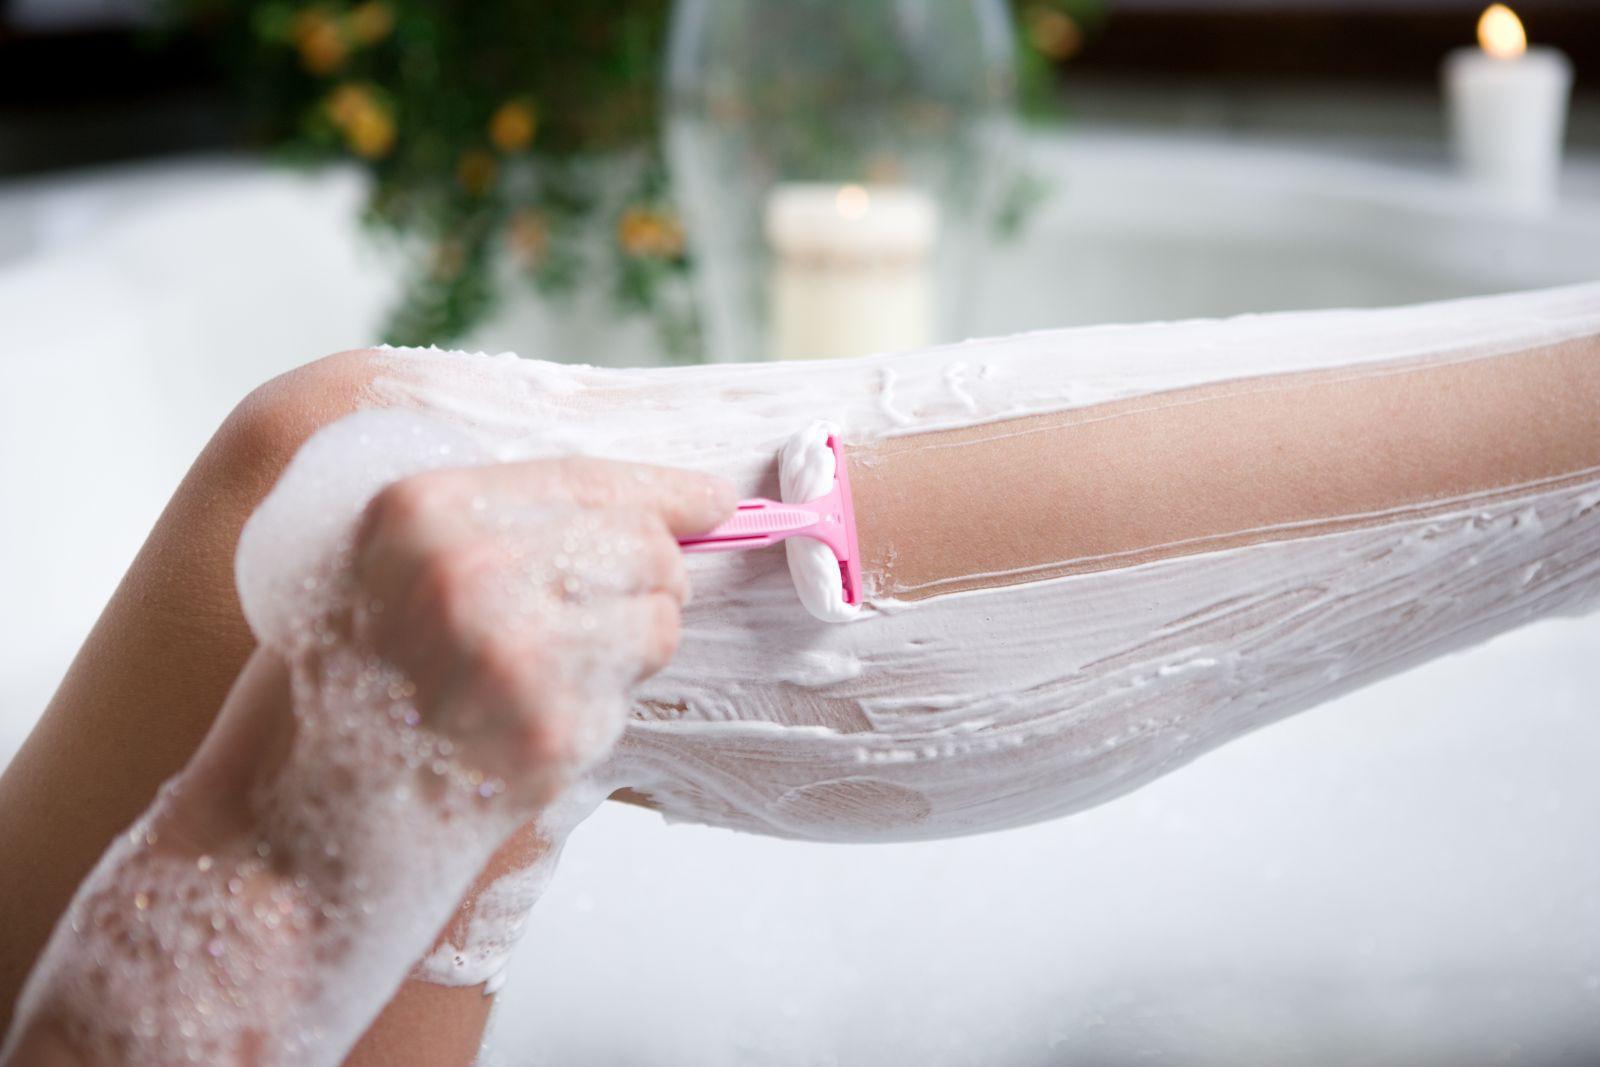 Как правильно брить ноги в первый раз. Плюсы и минусы бритья станком